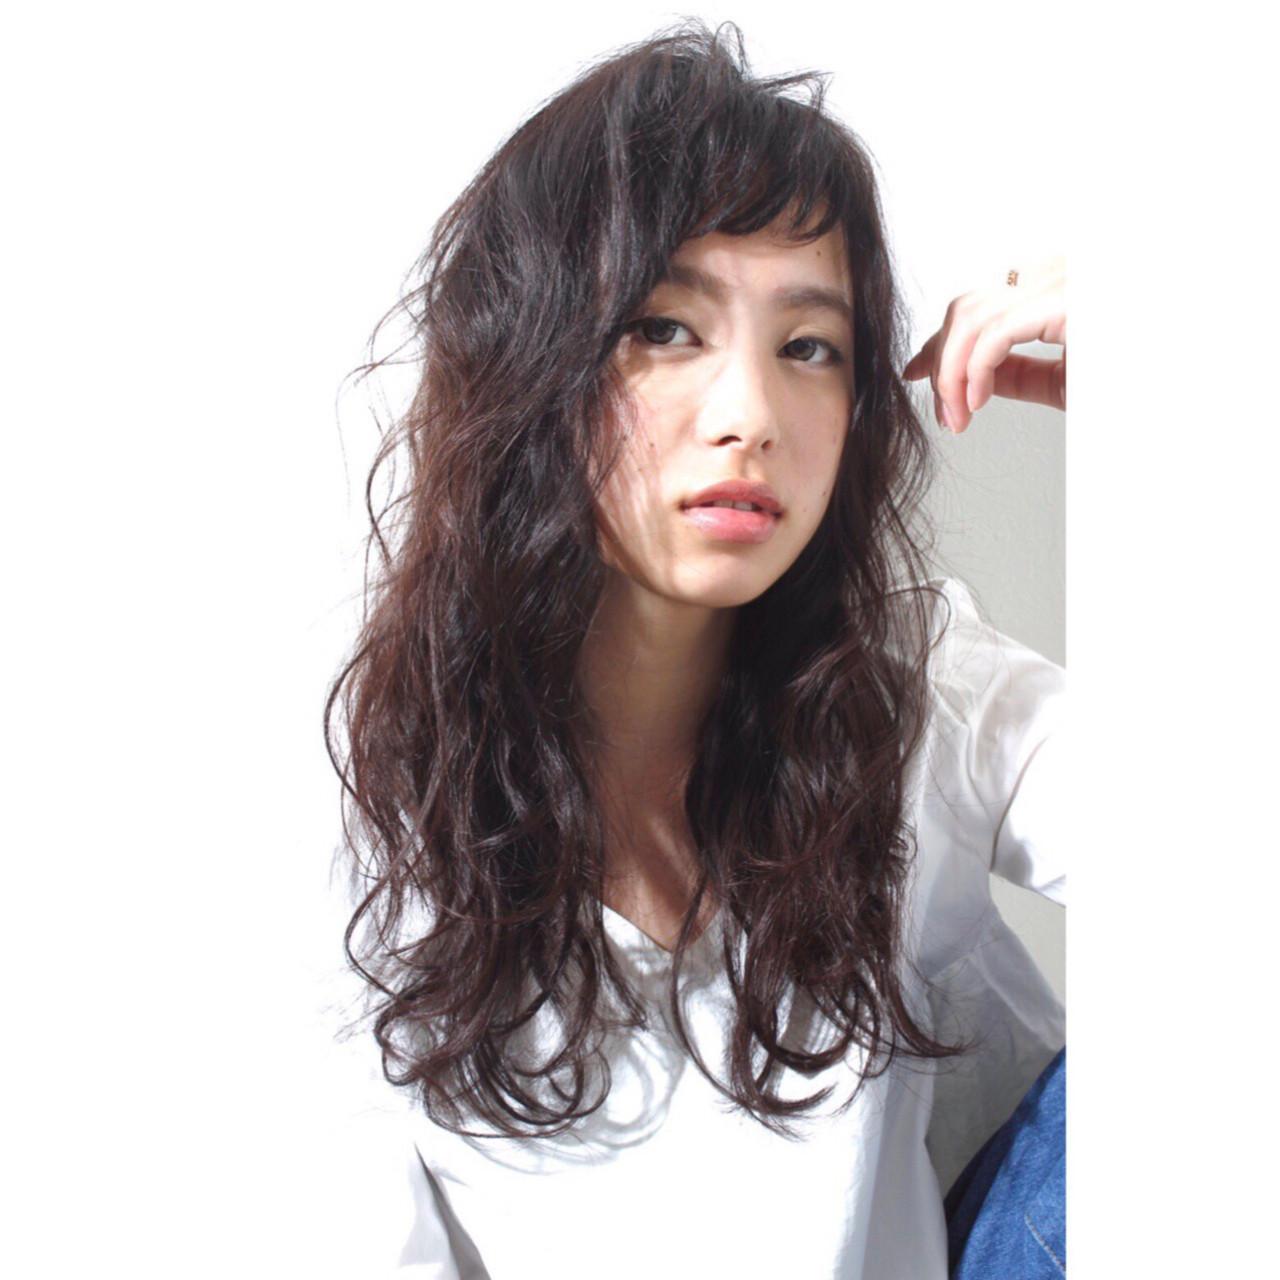 フェミニンカール×オン眉前髪が今っぽい♡ RINO